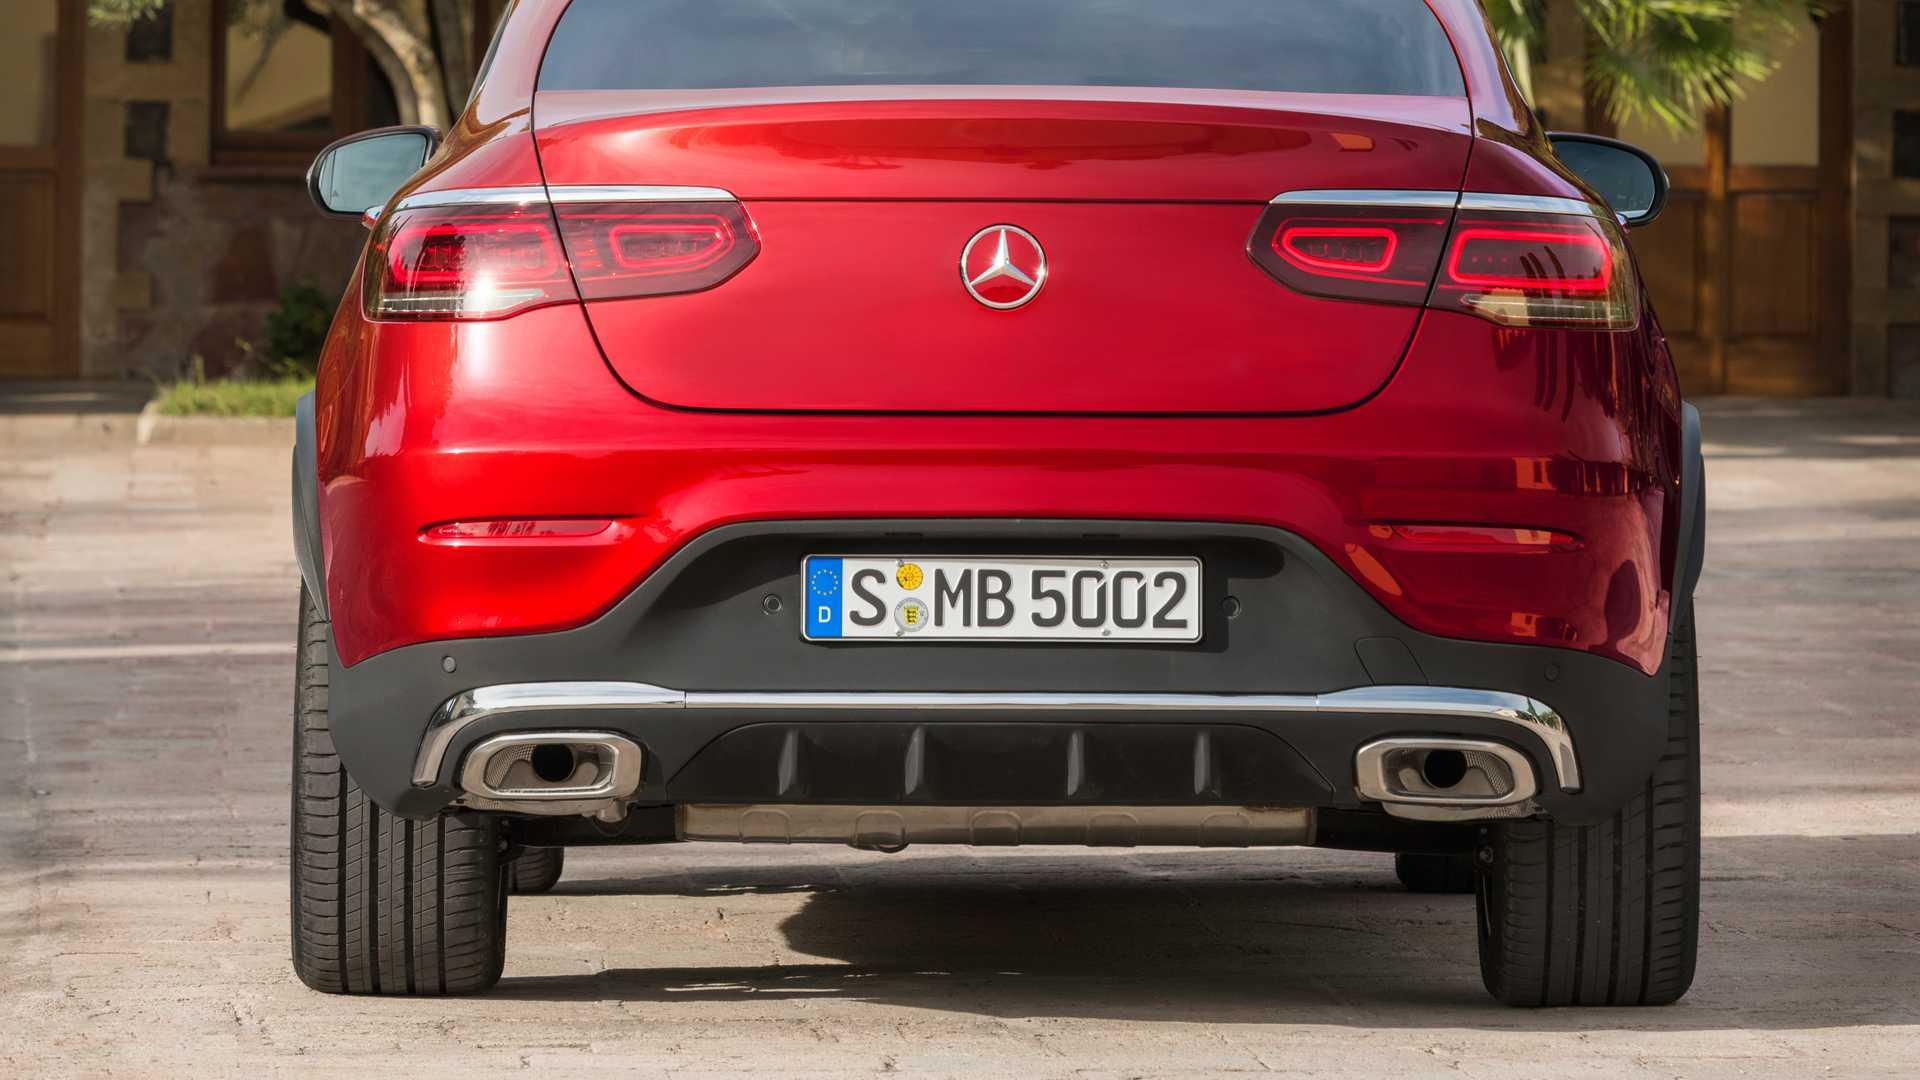 mercedes-glc-coupe-2019 (1).jpg